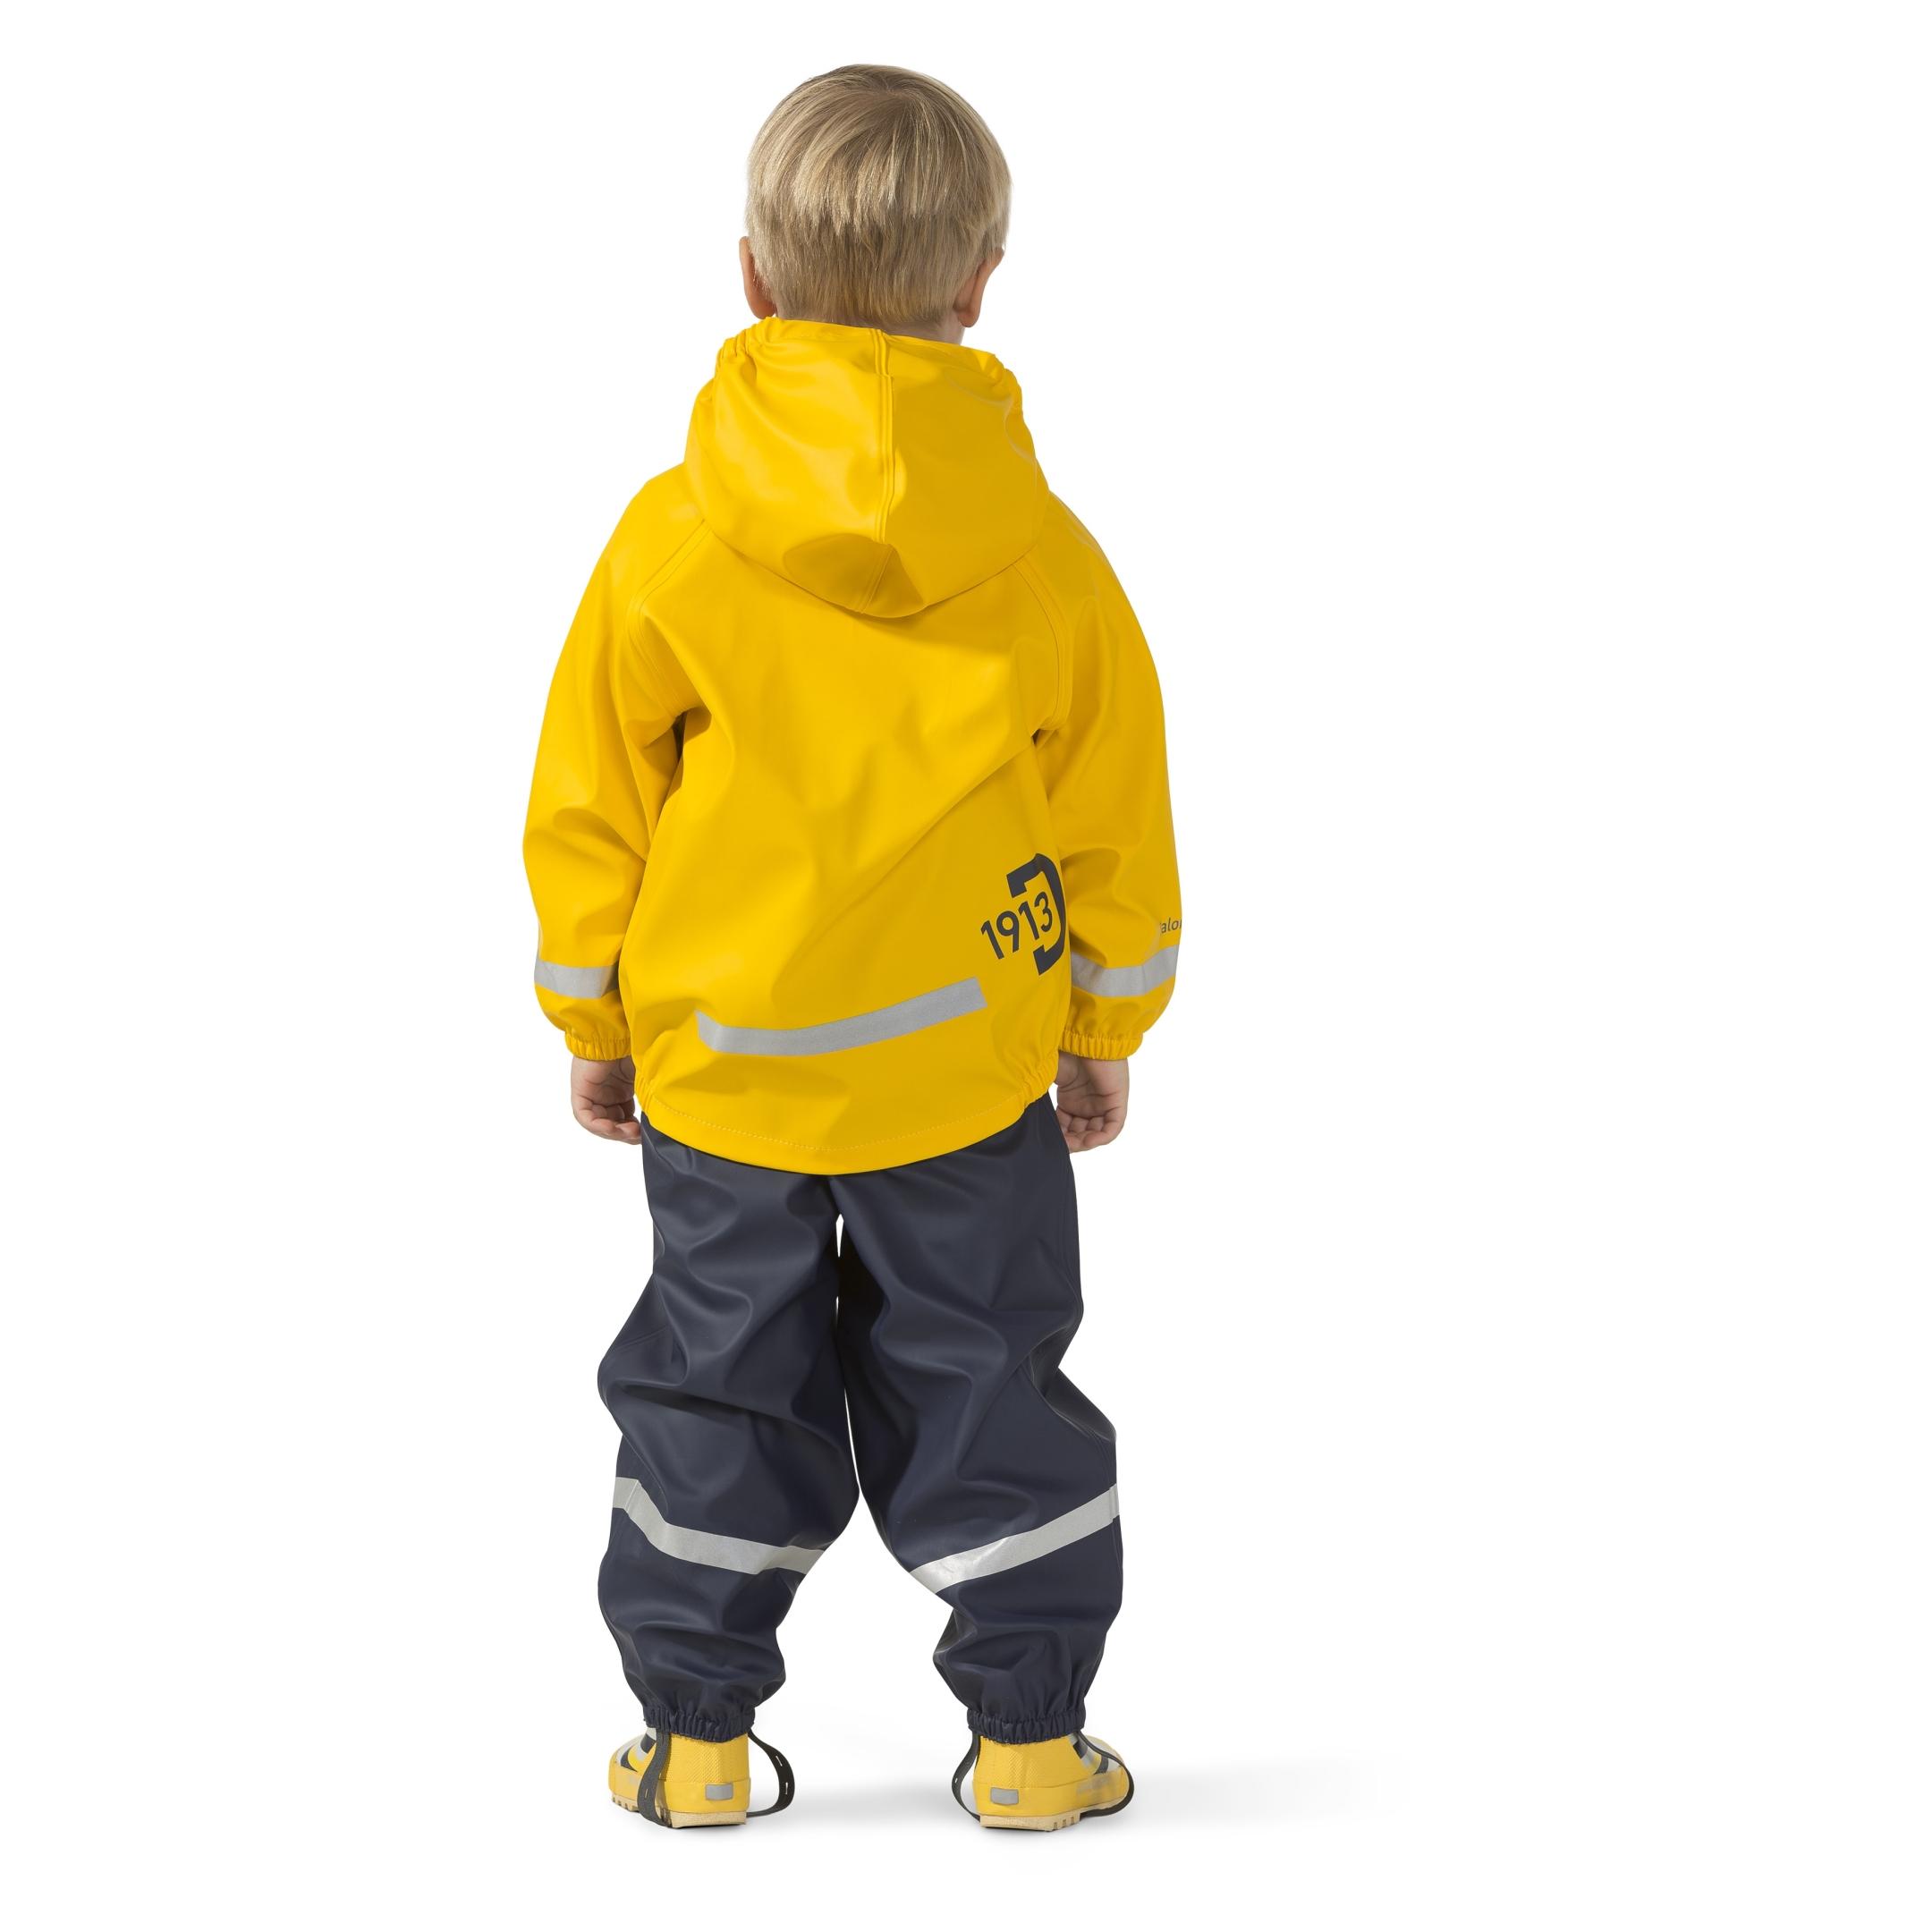 Дидриксон детский костюм дождевой SLASKEMAN + средство для стирки, - фото 2